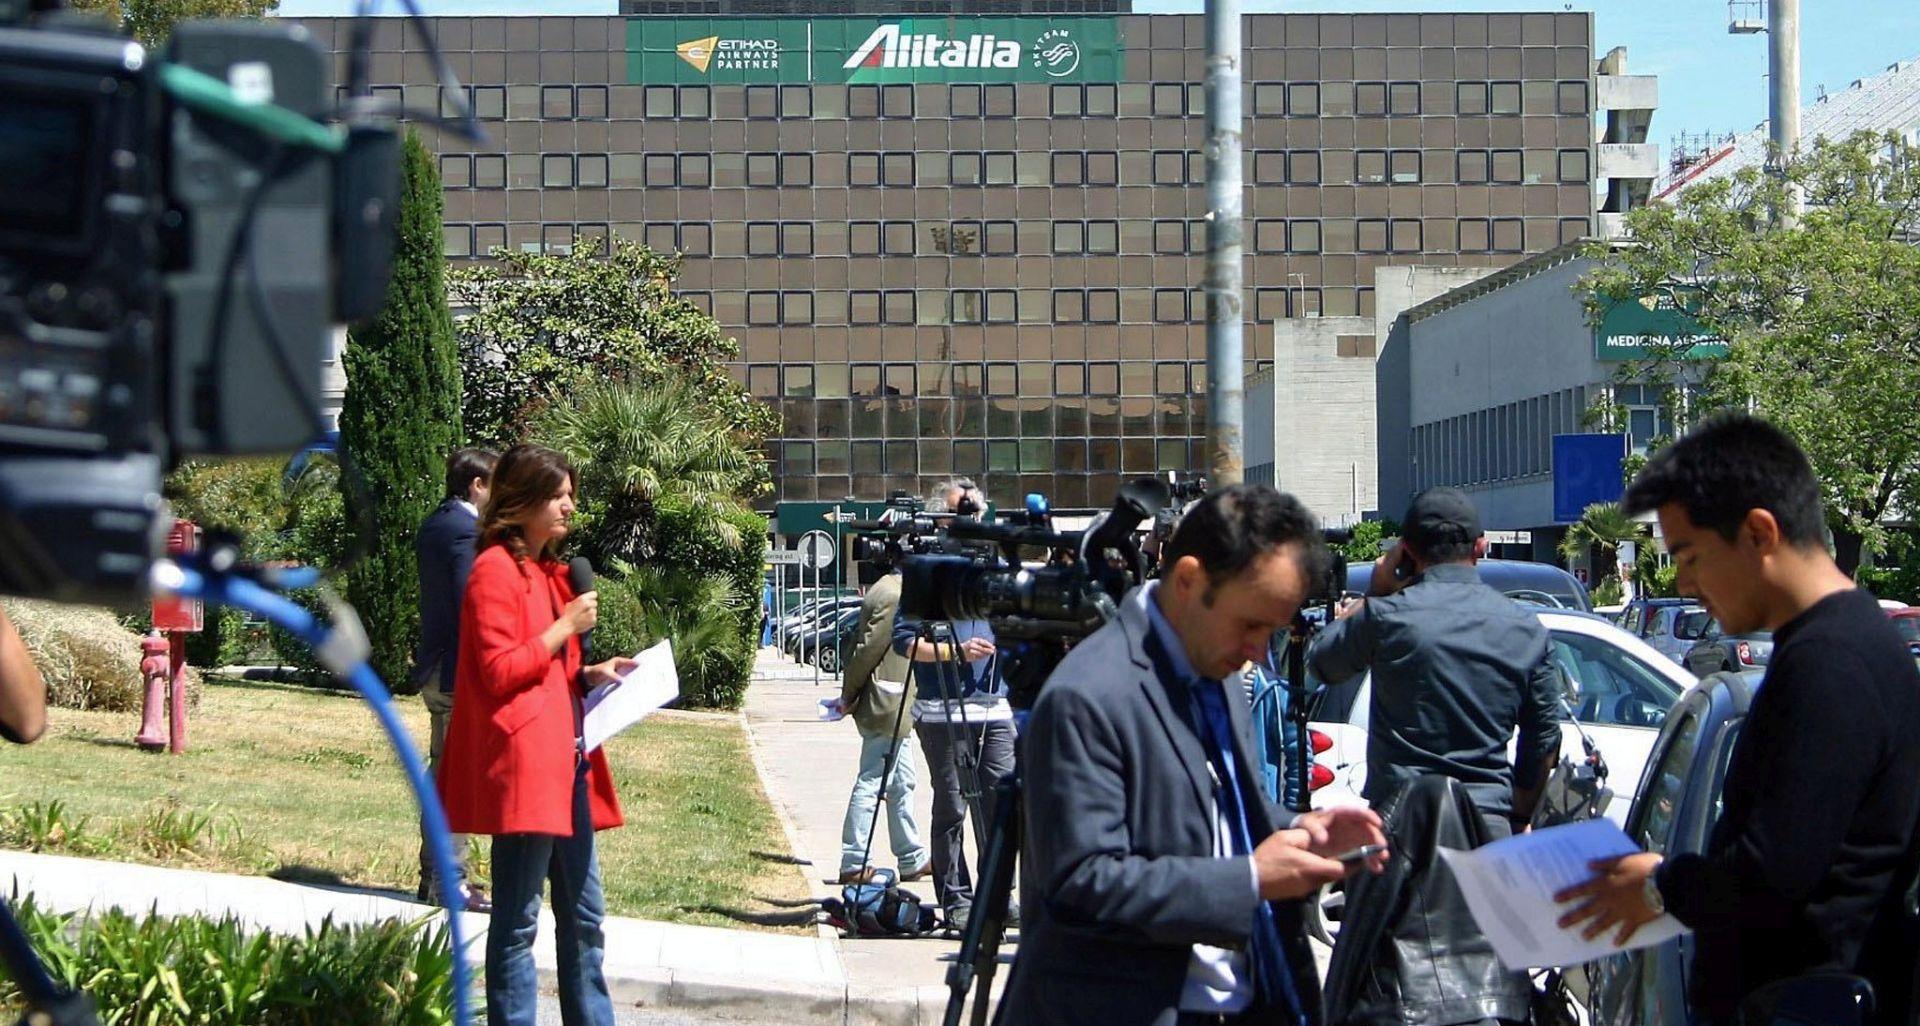 Štrajk u Alitaliji 200 otkazanih letova